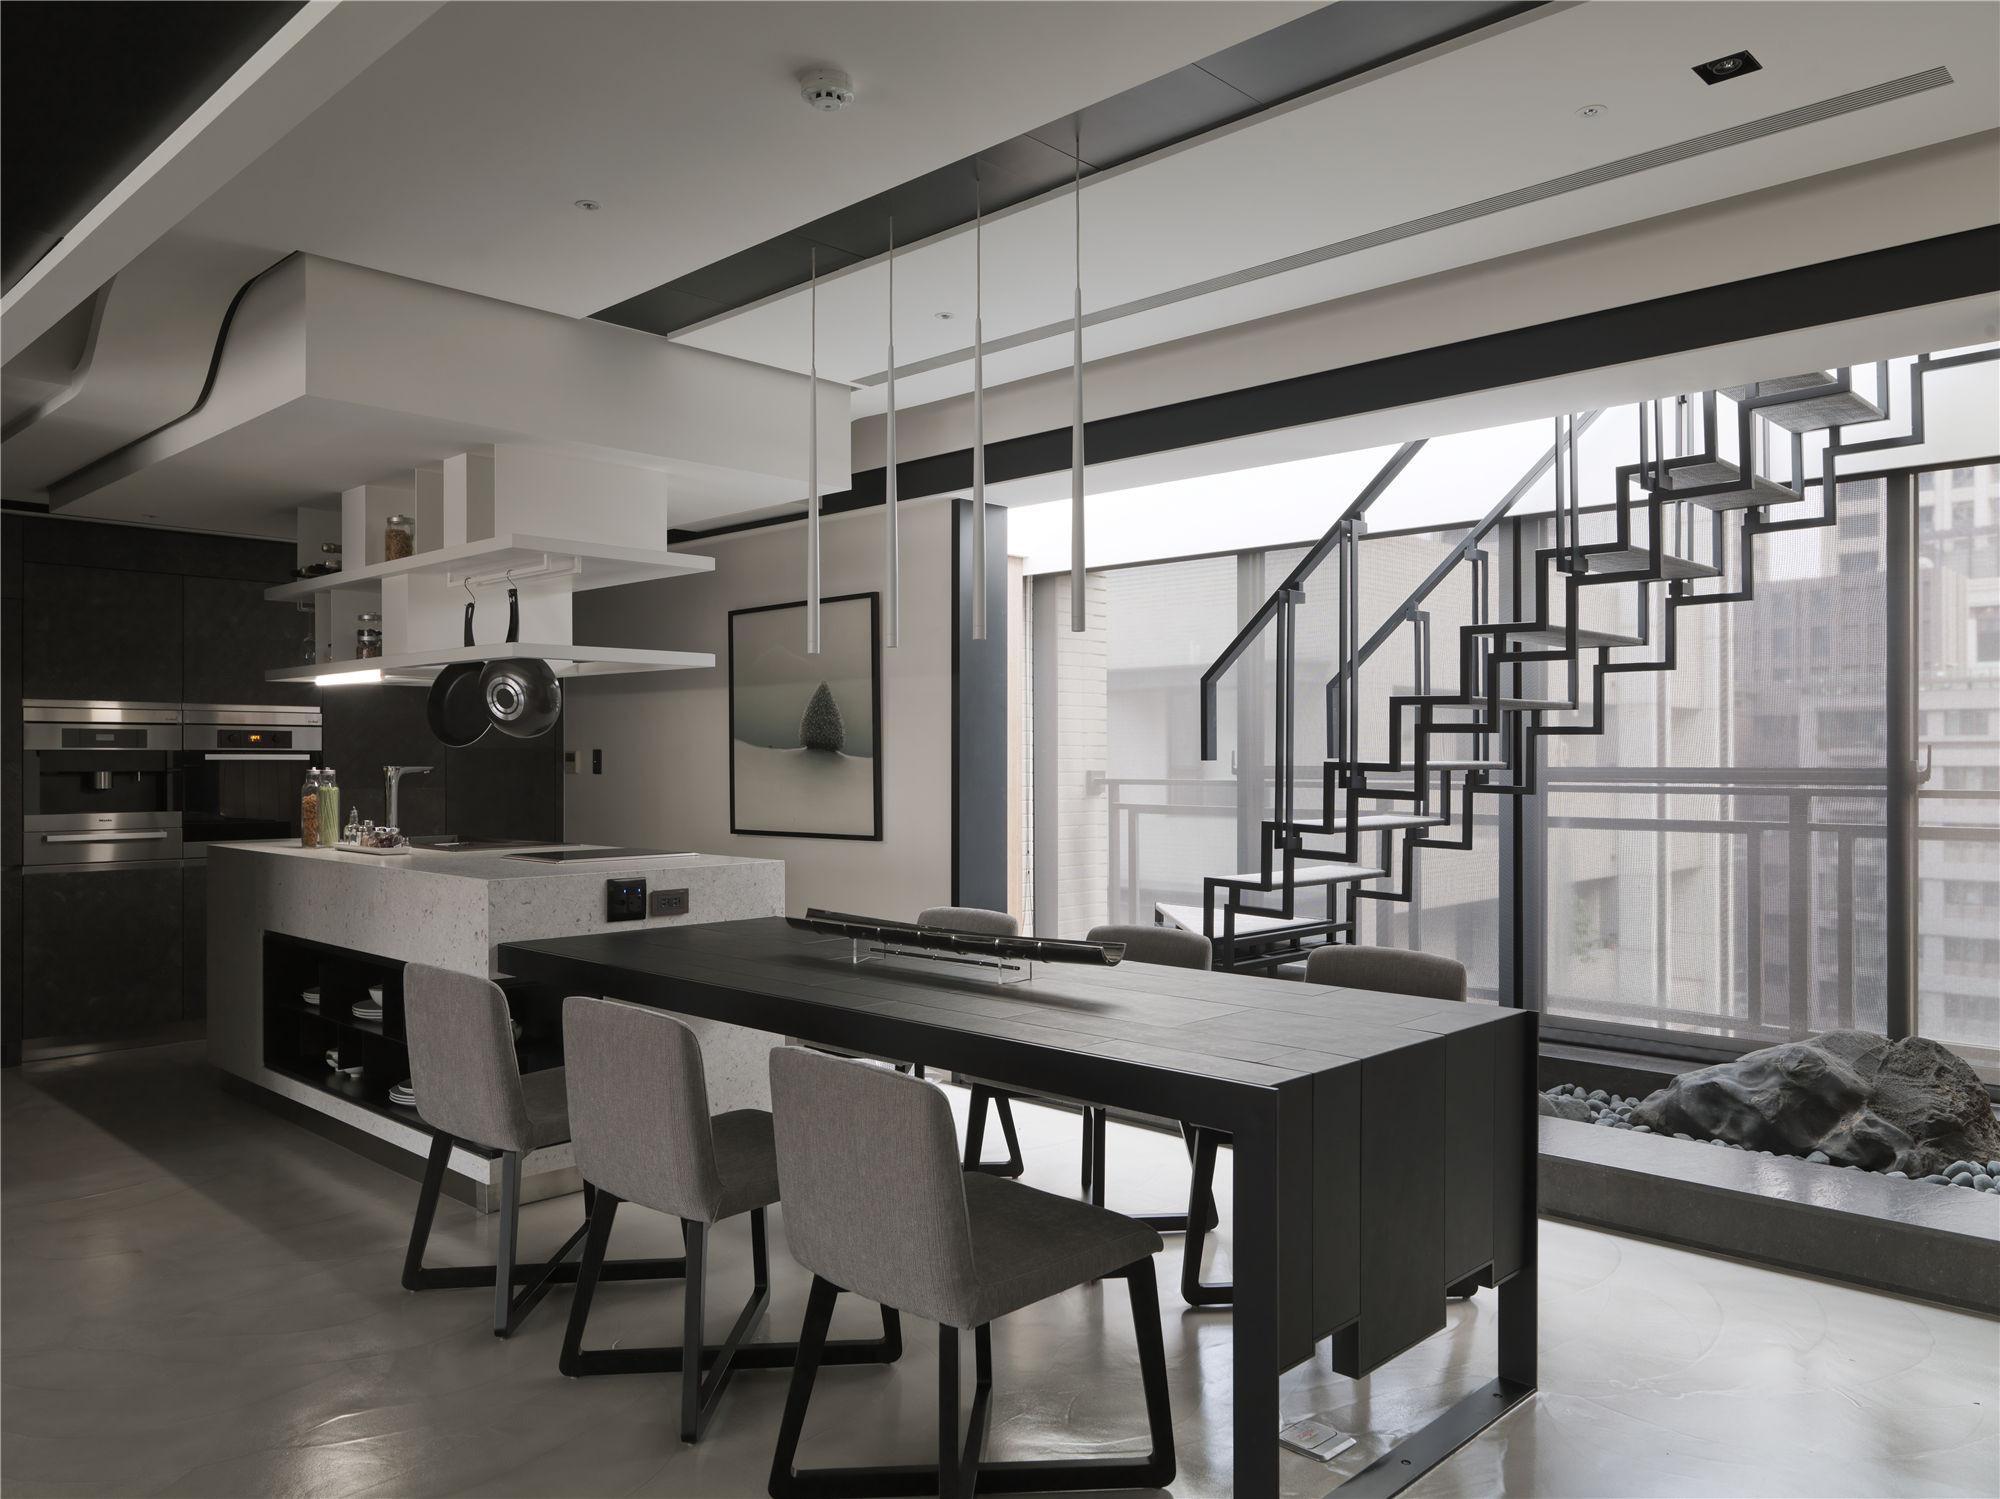 黑白灰现代简约空间装修餐厅设计图